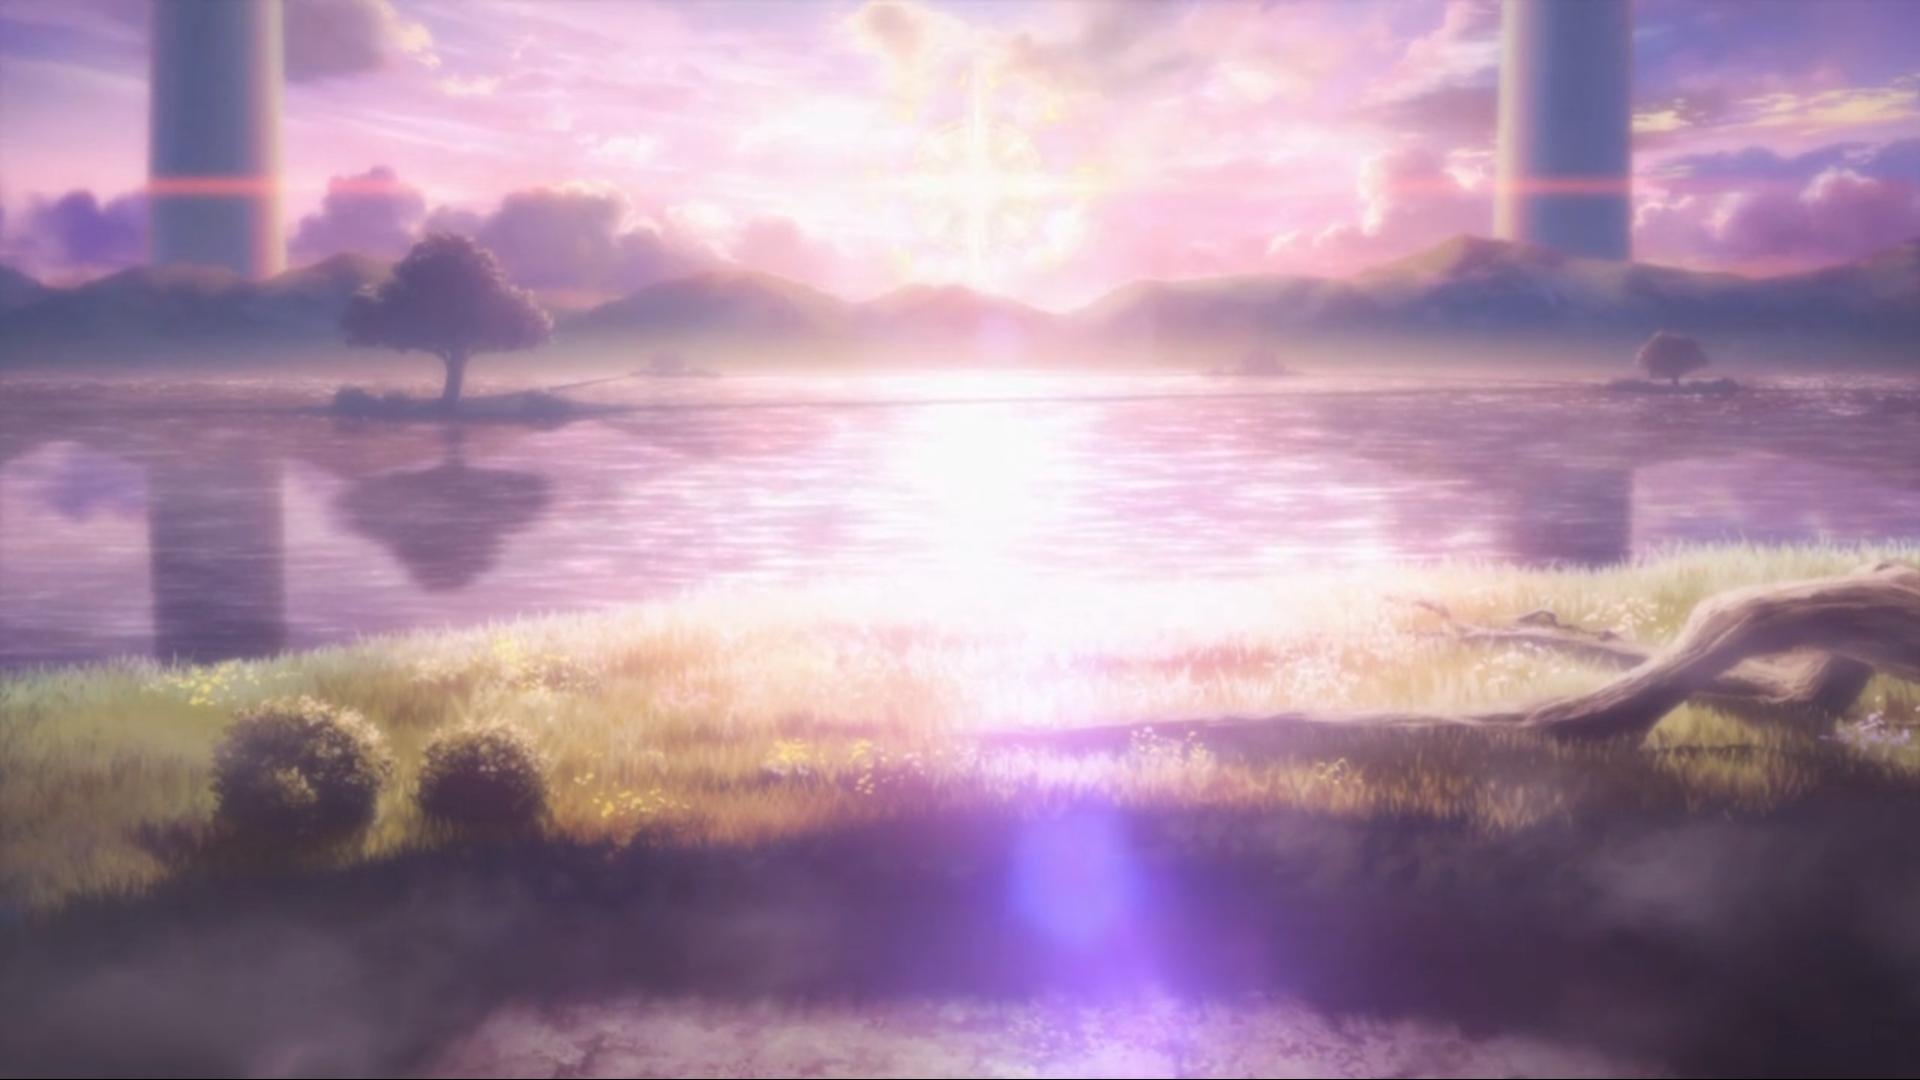 【繁】刀劍神域ll - 第22集 旅途的盡頭